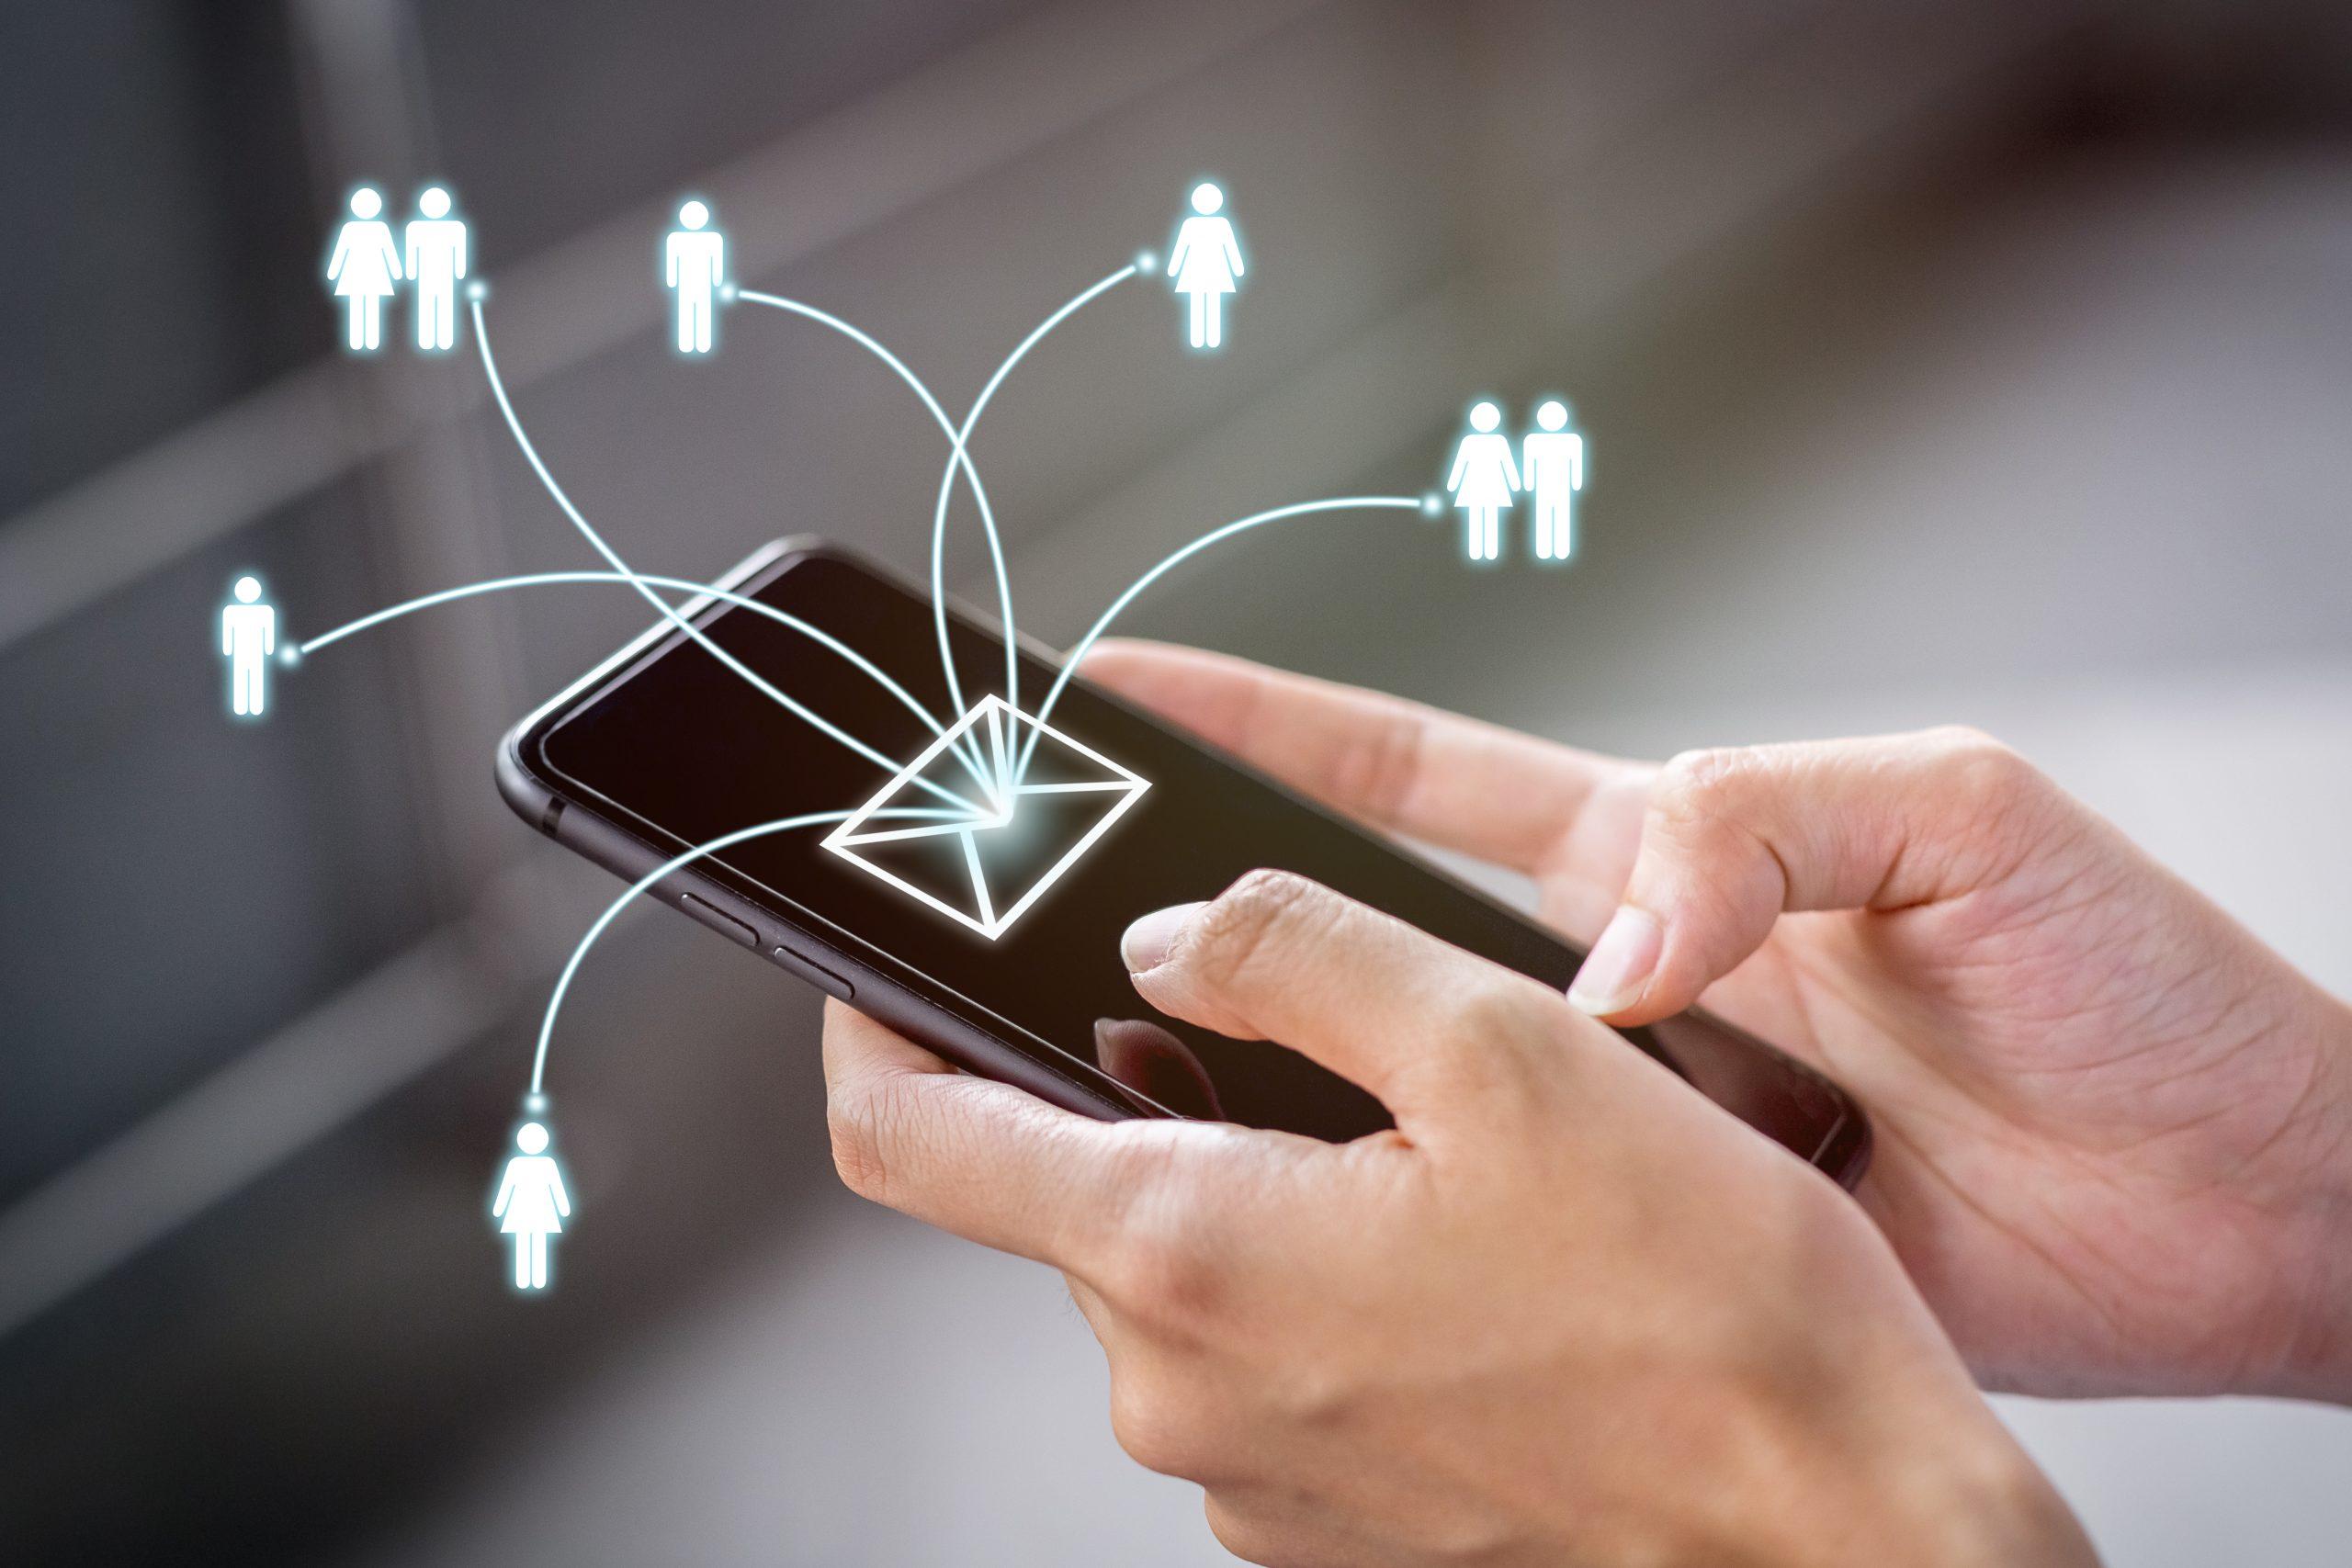 Big Data від Київстар: як працюють таргетовані SMS-розсилки | Kyivstar Business Hub зображення №1